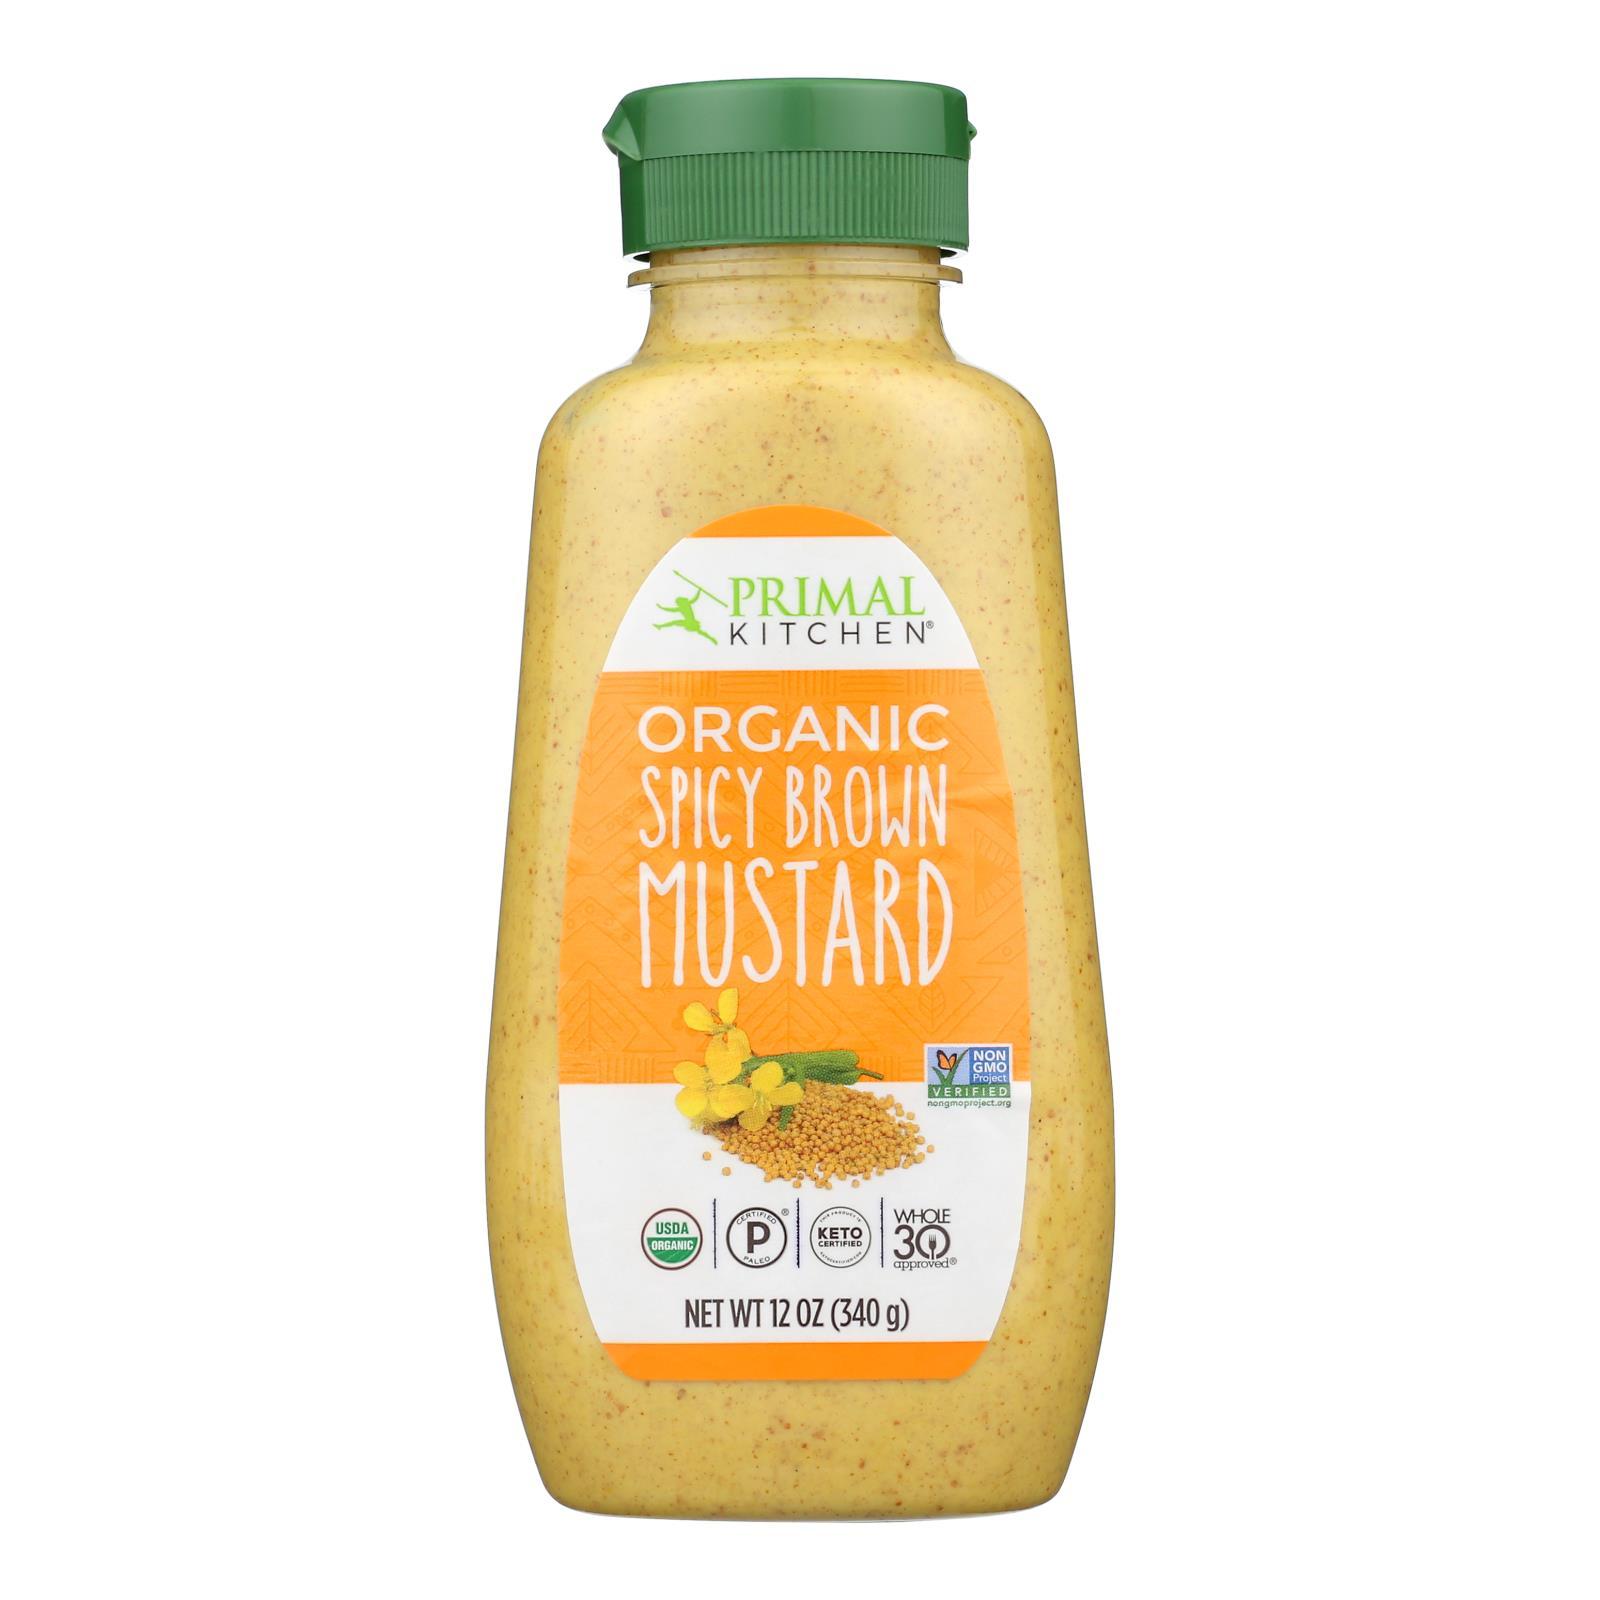 Primal Kitchen - Mustard Spicy Brown - Case of 6-12 OZ